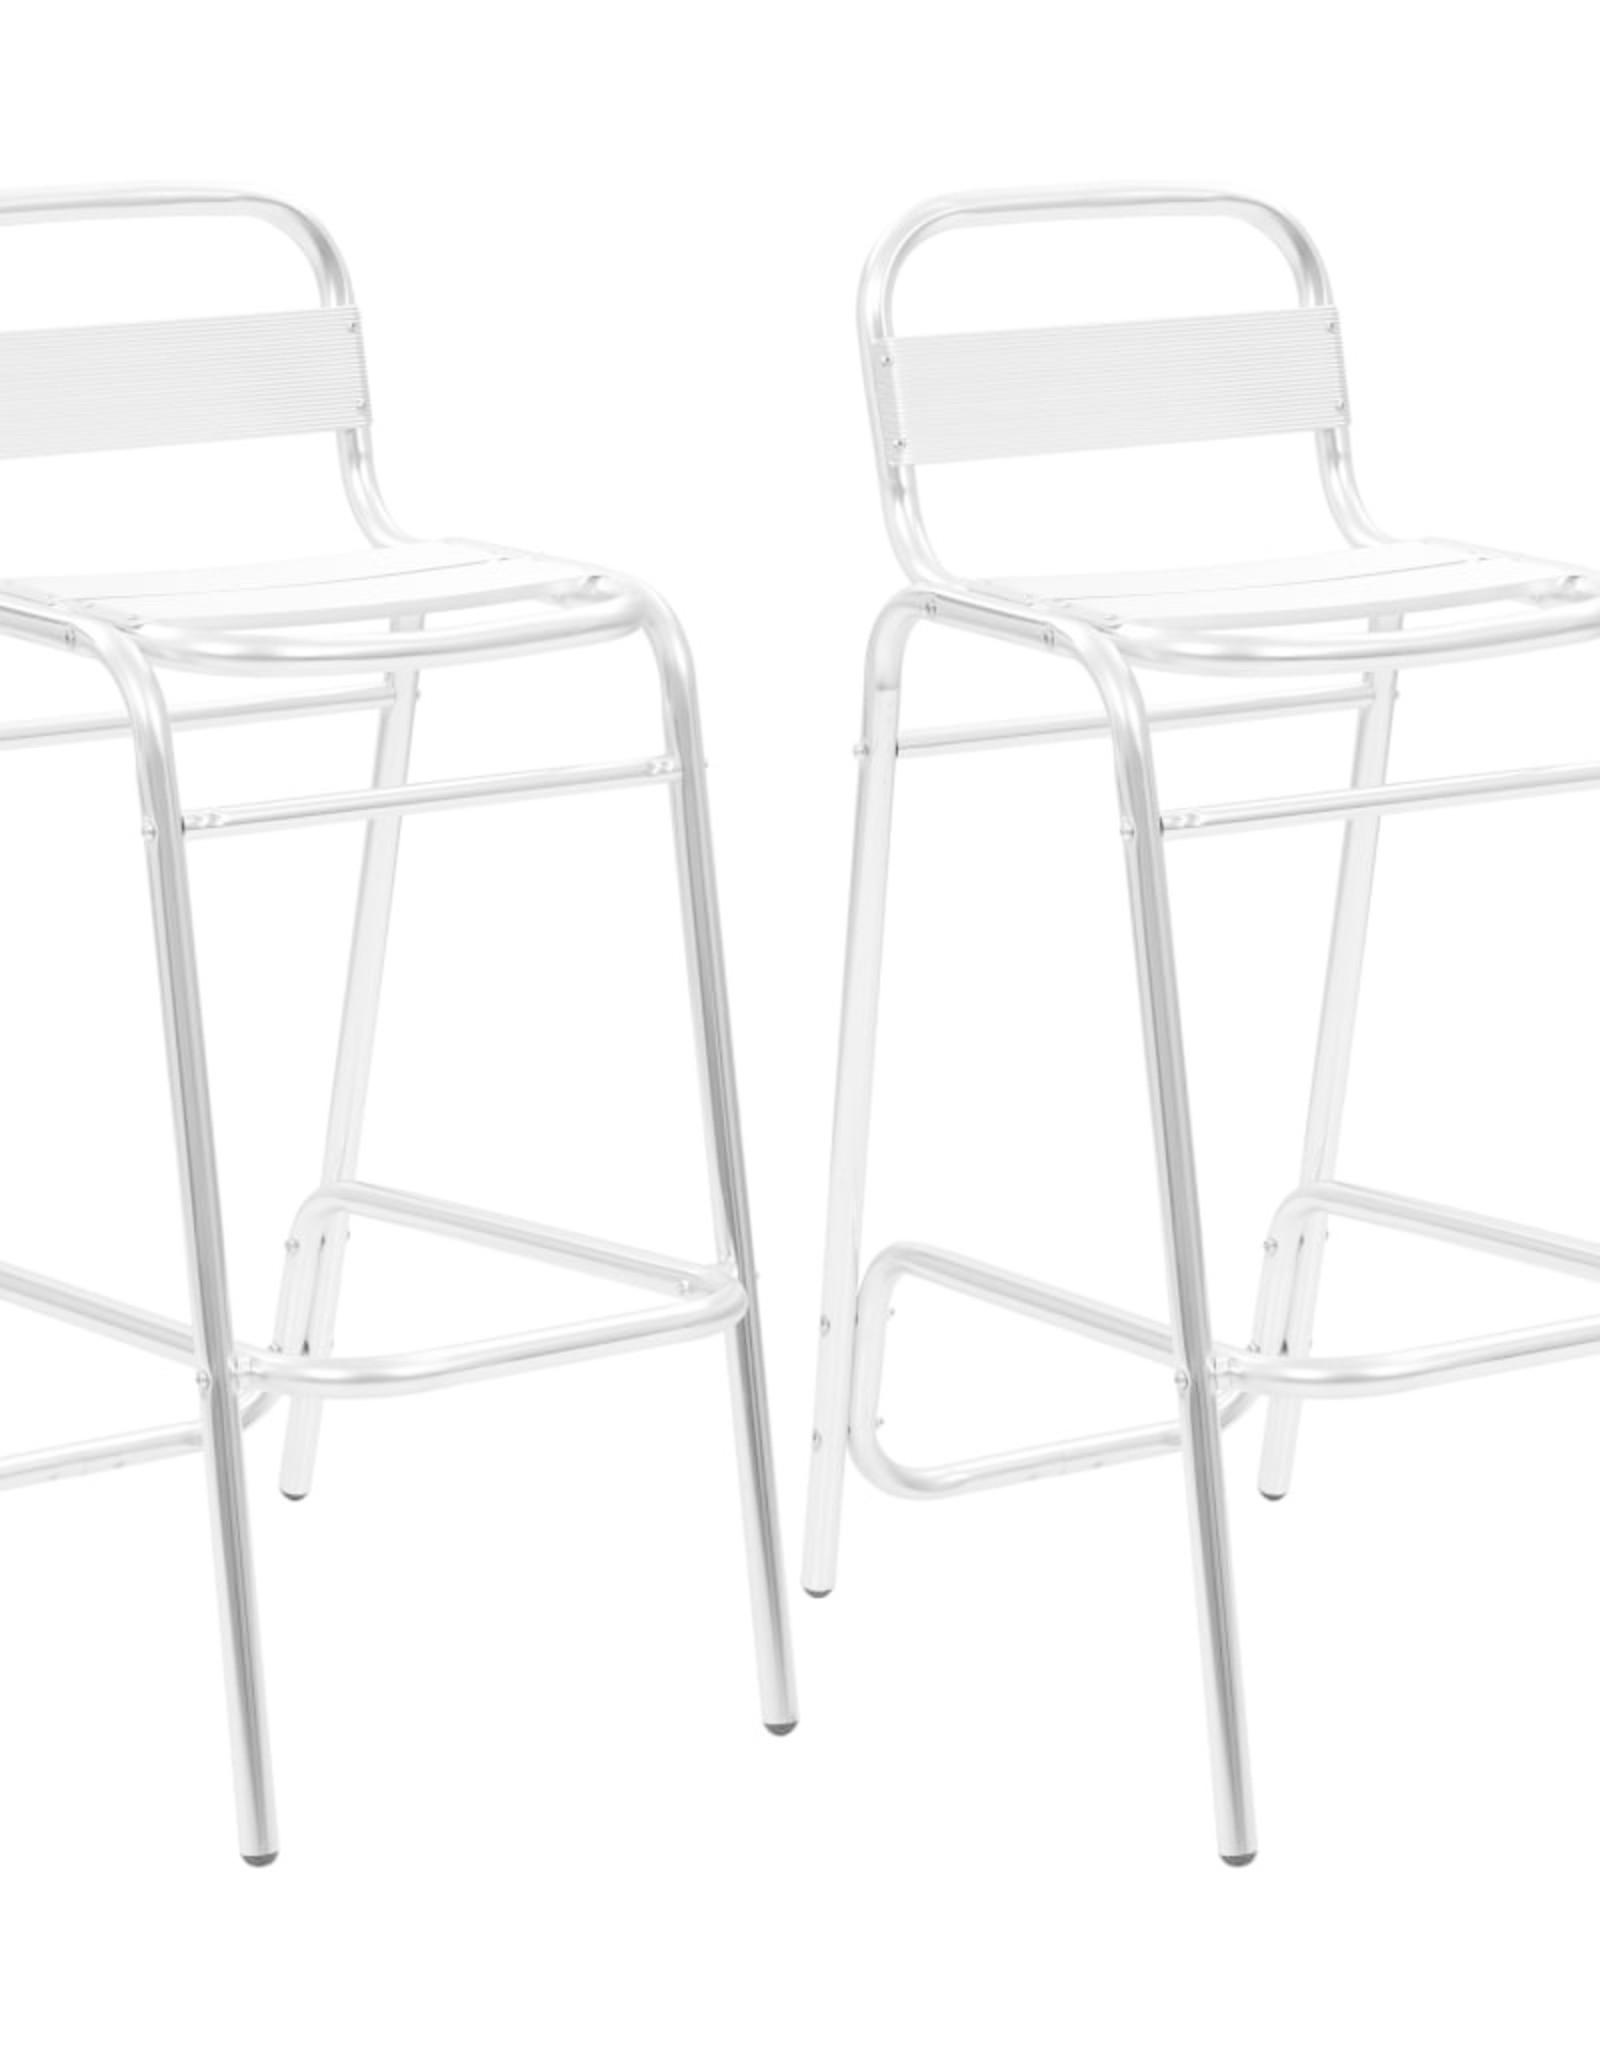 3-delige Barset met ronde tafel aluminium zilverkleurig